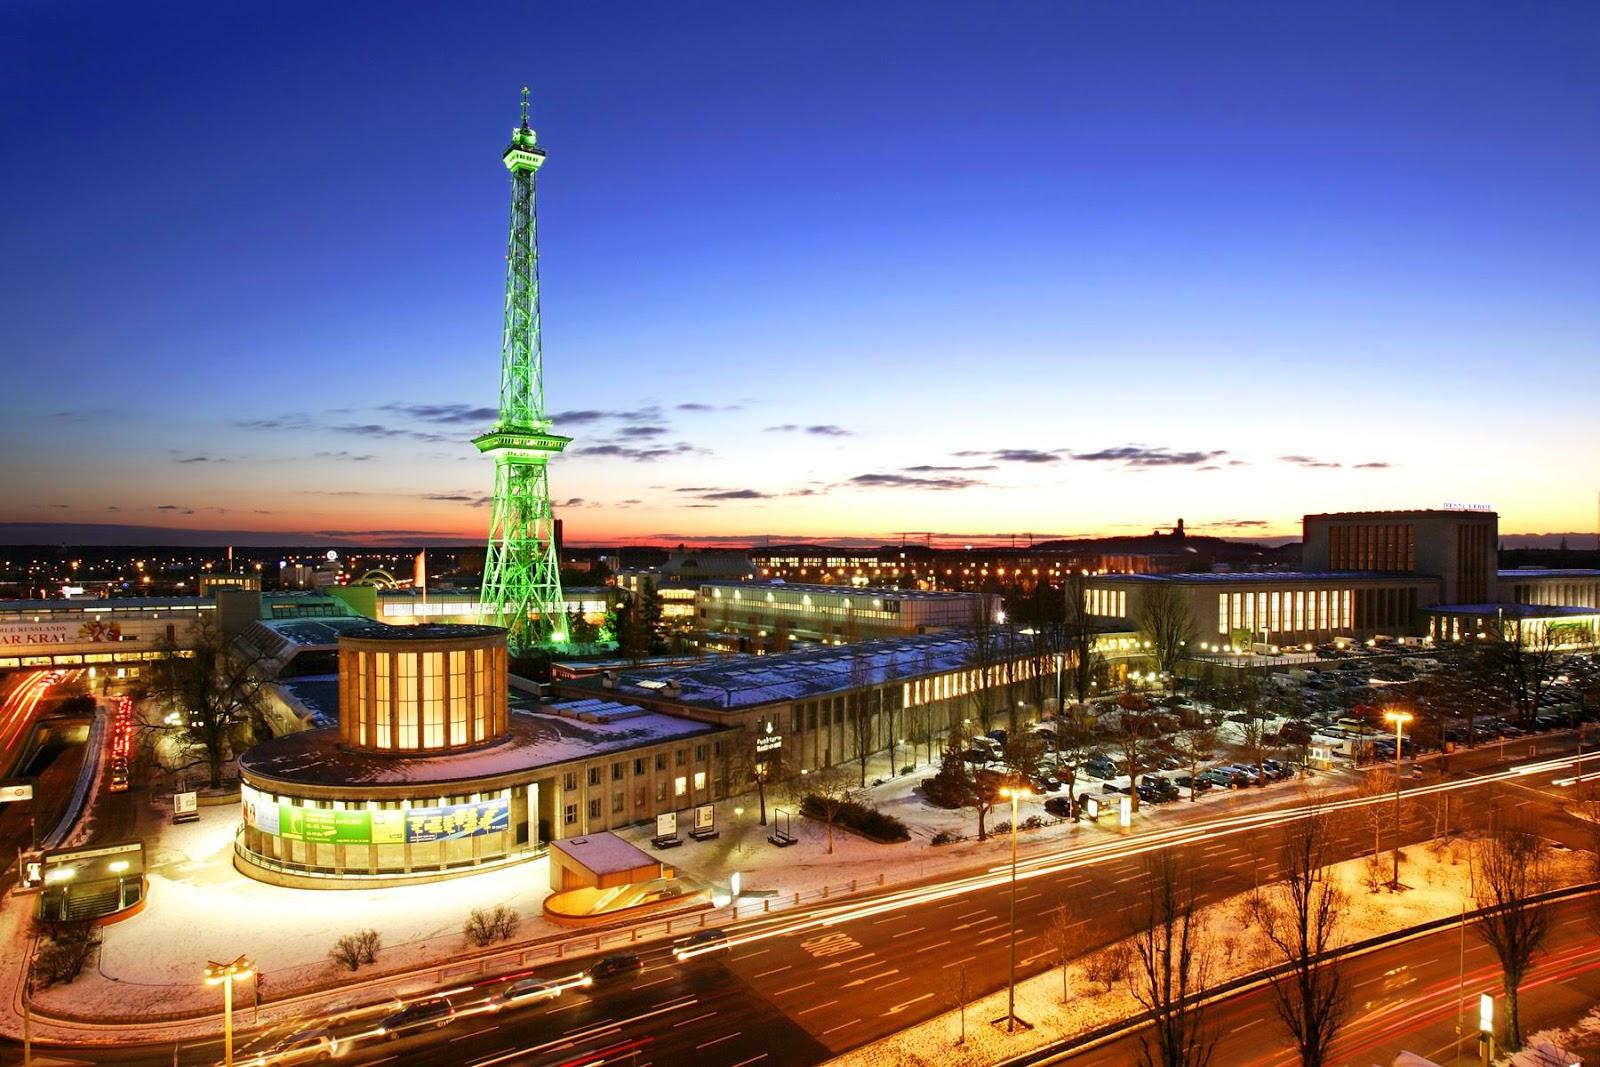 blog von zarenhof hotels berlin hotelgeschichten und berlin tipps gr ne woche in berlin 16 25. Black Bedroom Furniture Sets. Home Design Ideas